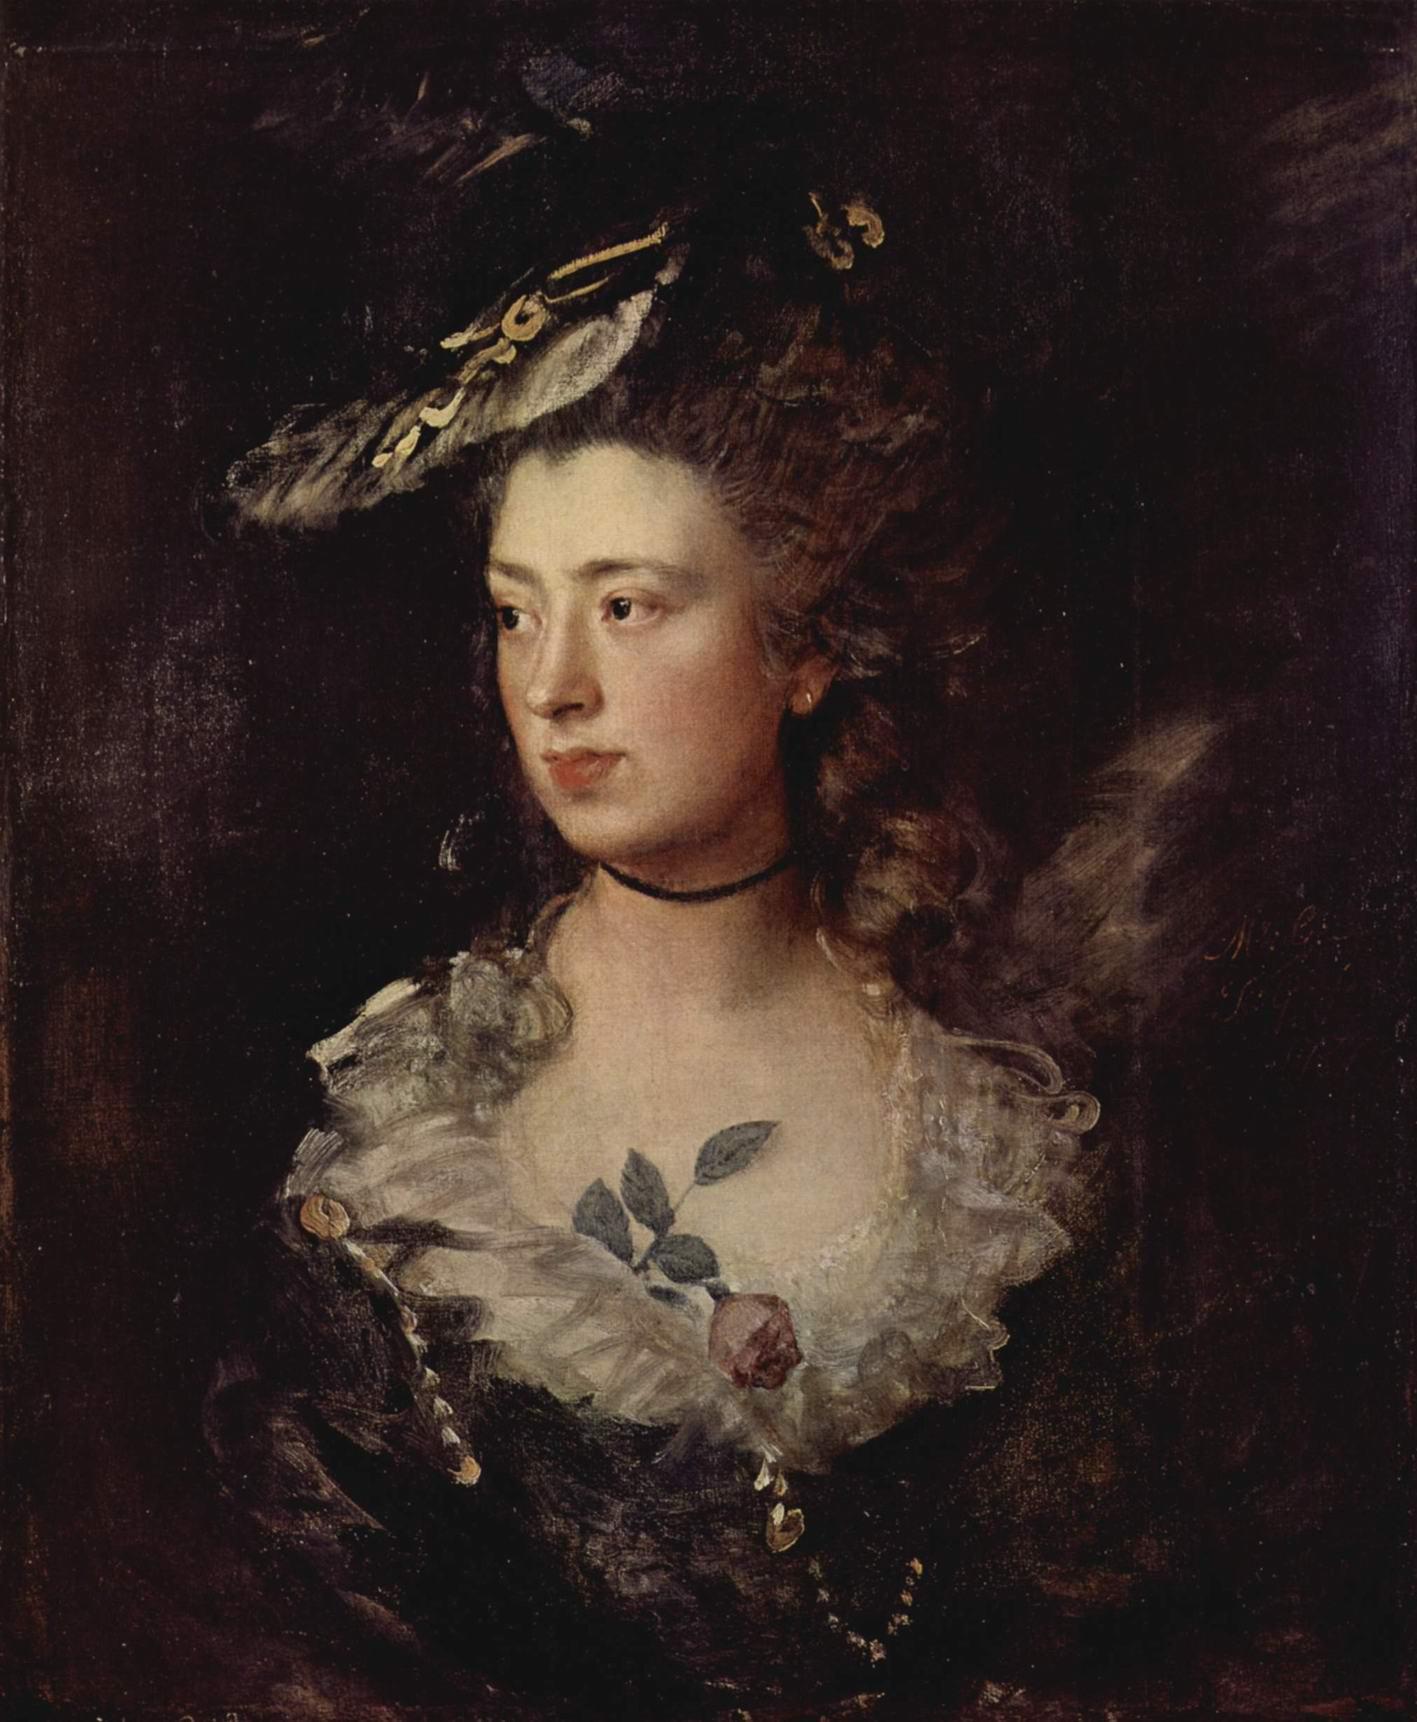 Портрет Мэри Гейнсборо, дочери художника, Томас Гейнсборо